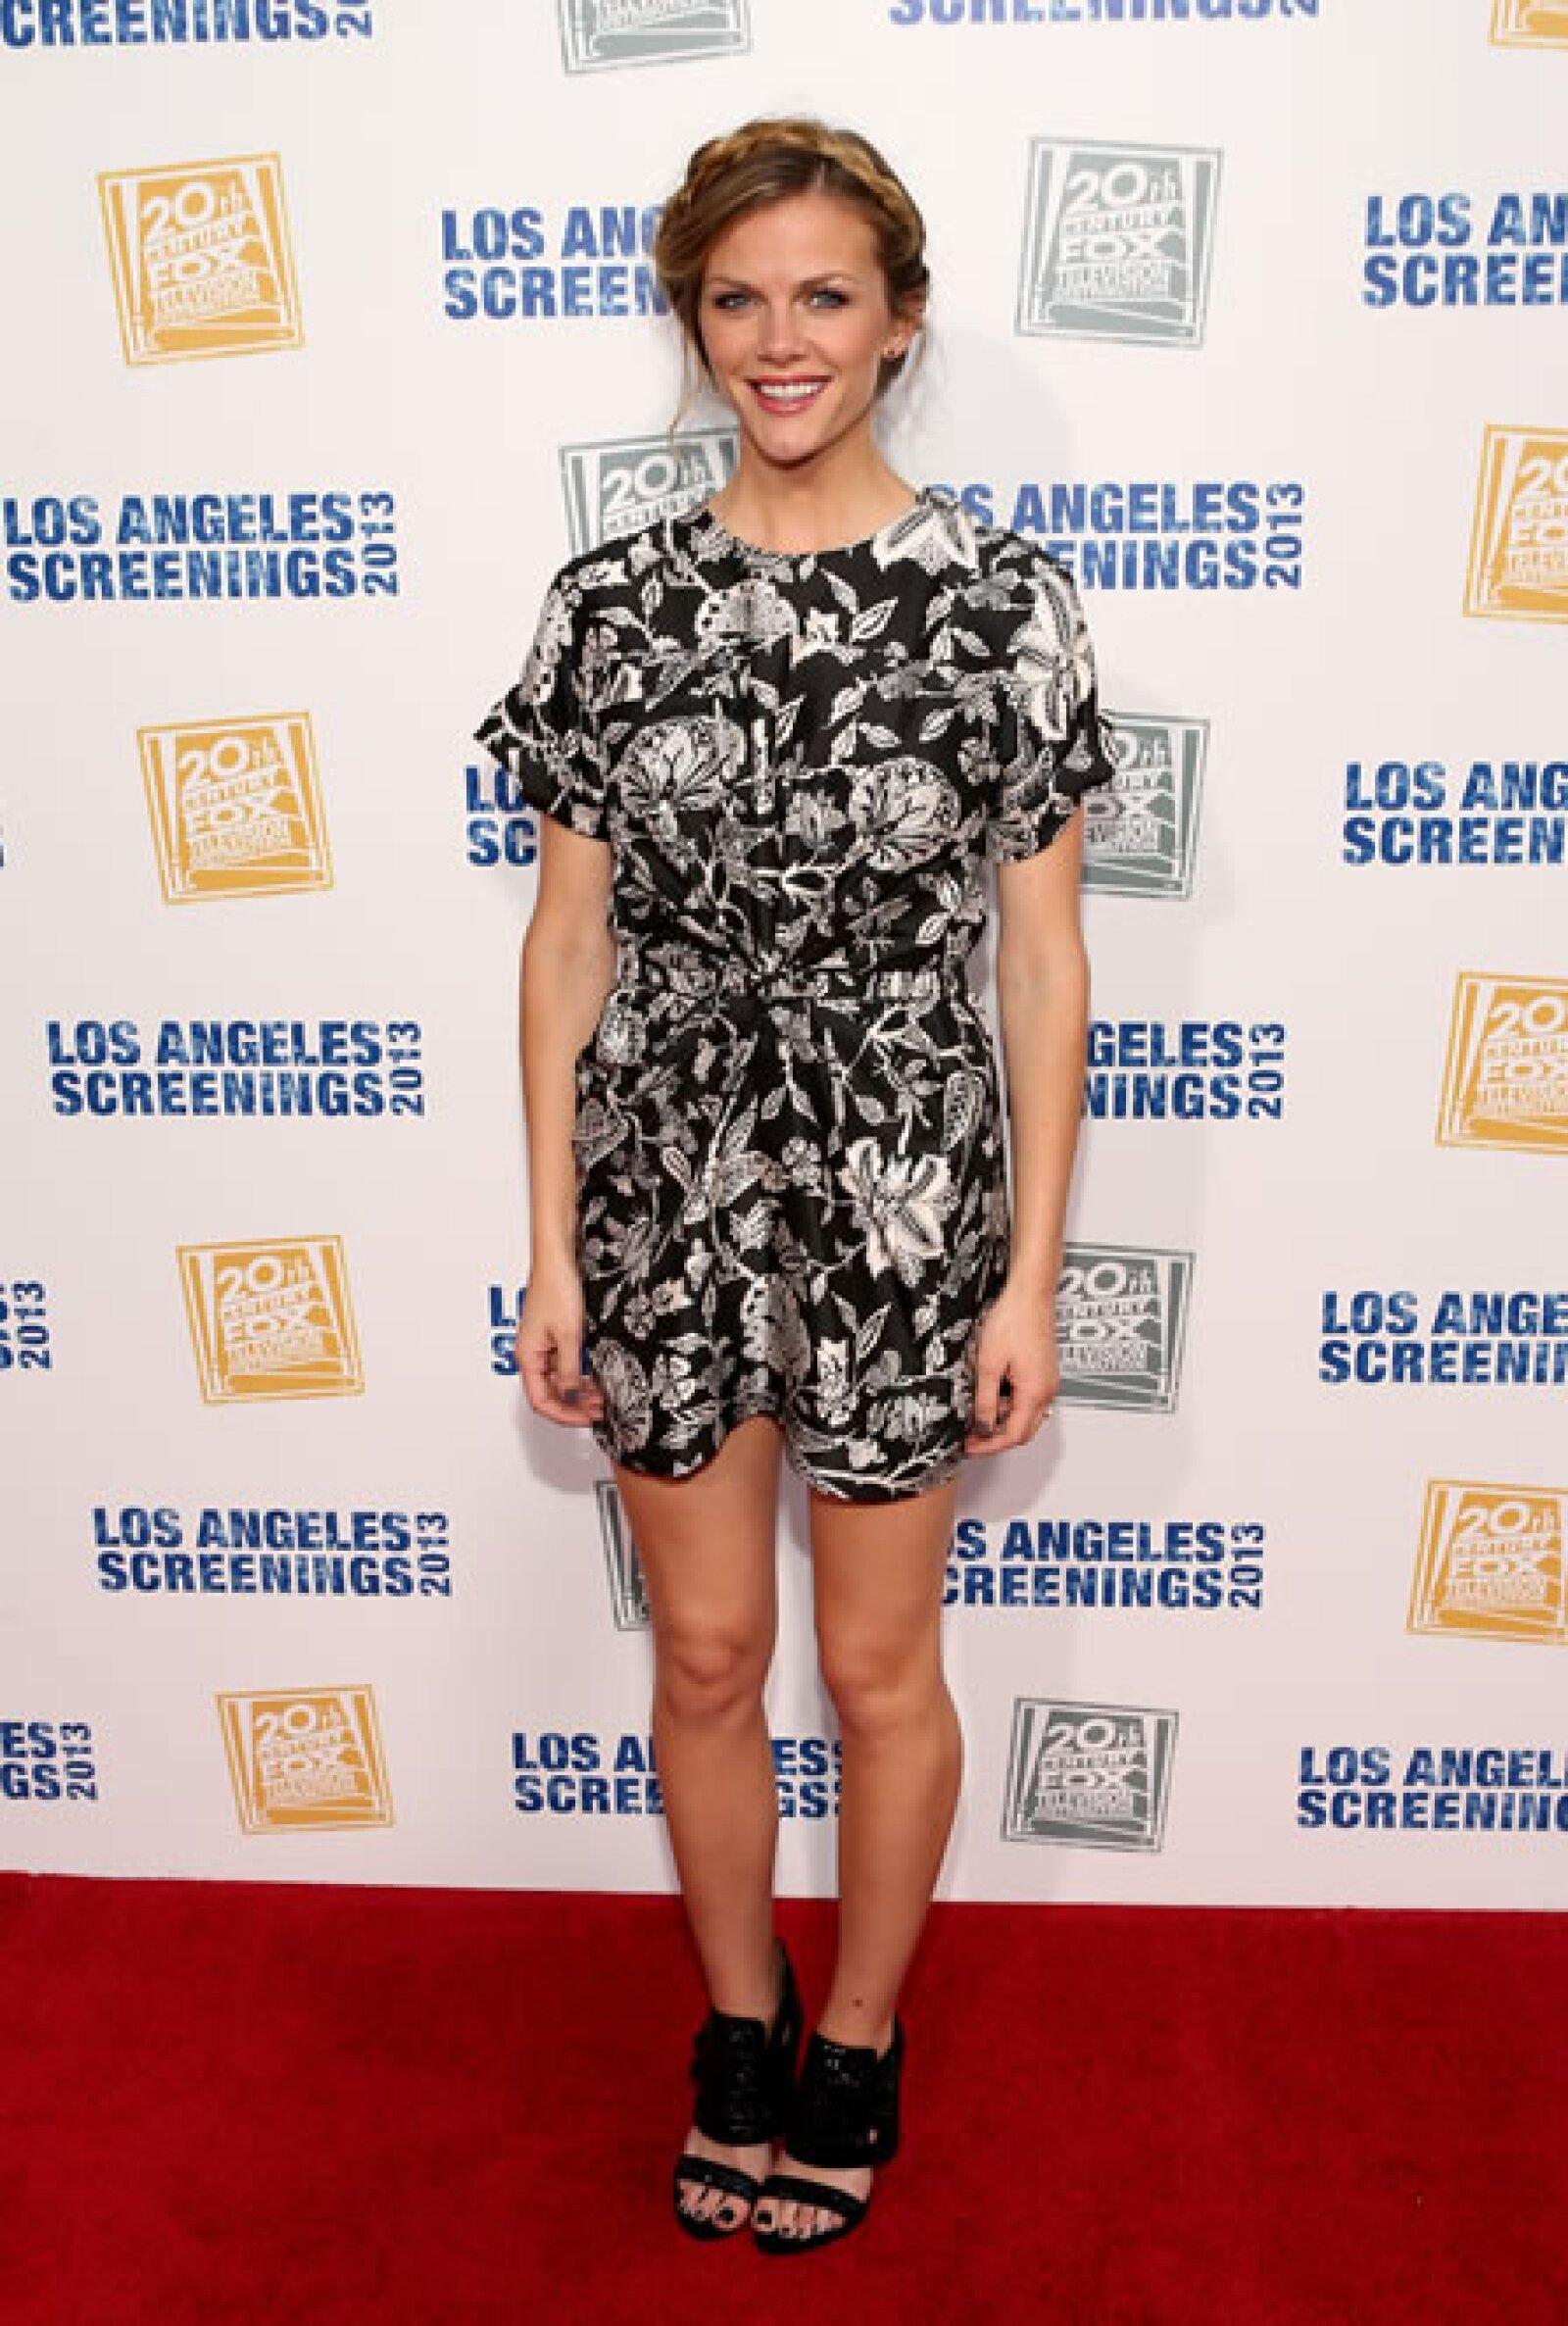 La esposa del tenista Andy Roddick usó un vestido de estampado de flores de Isabel Marant en una fiesta de 20th Century Fox.